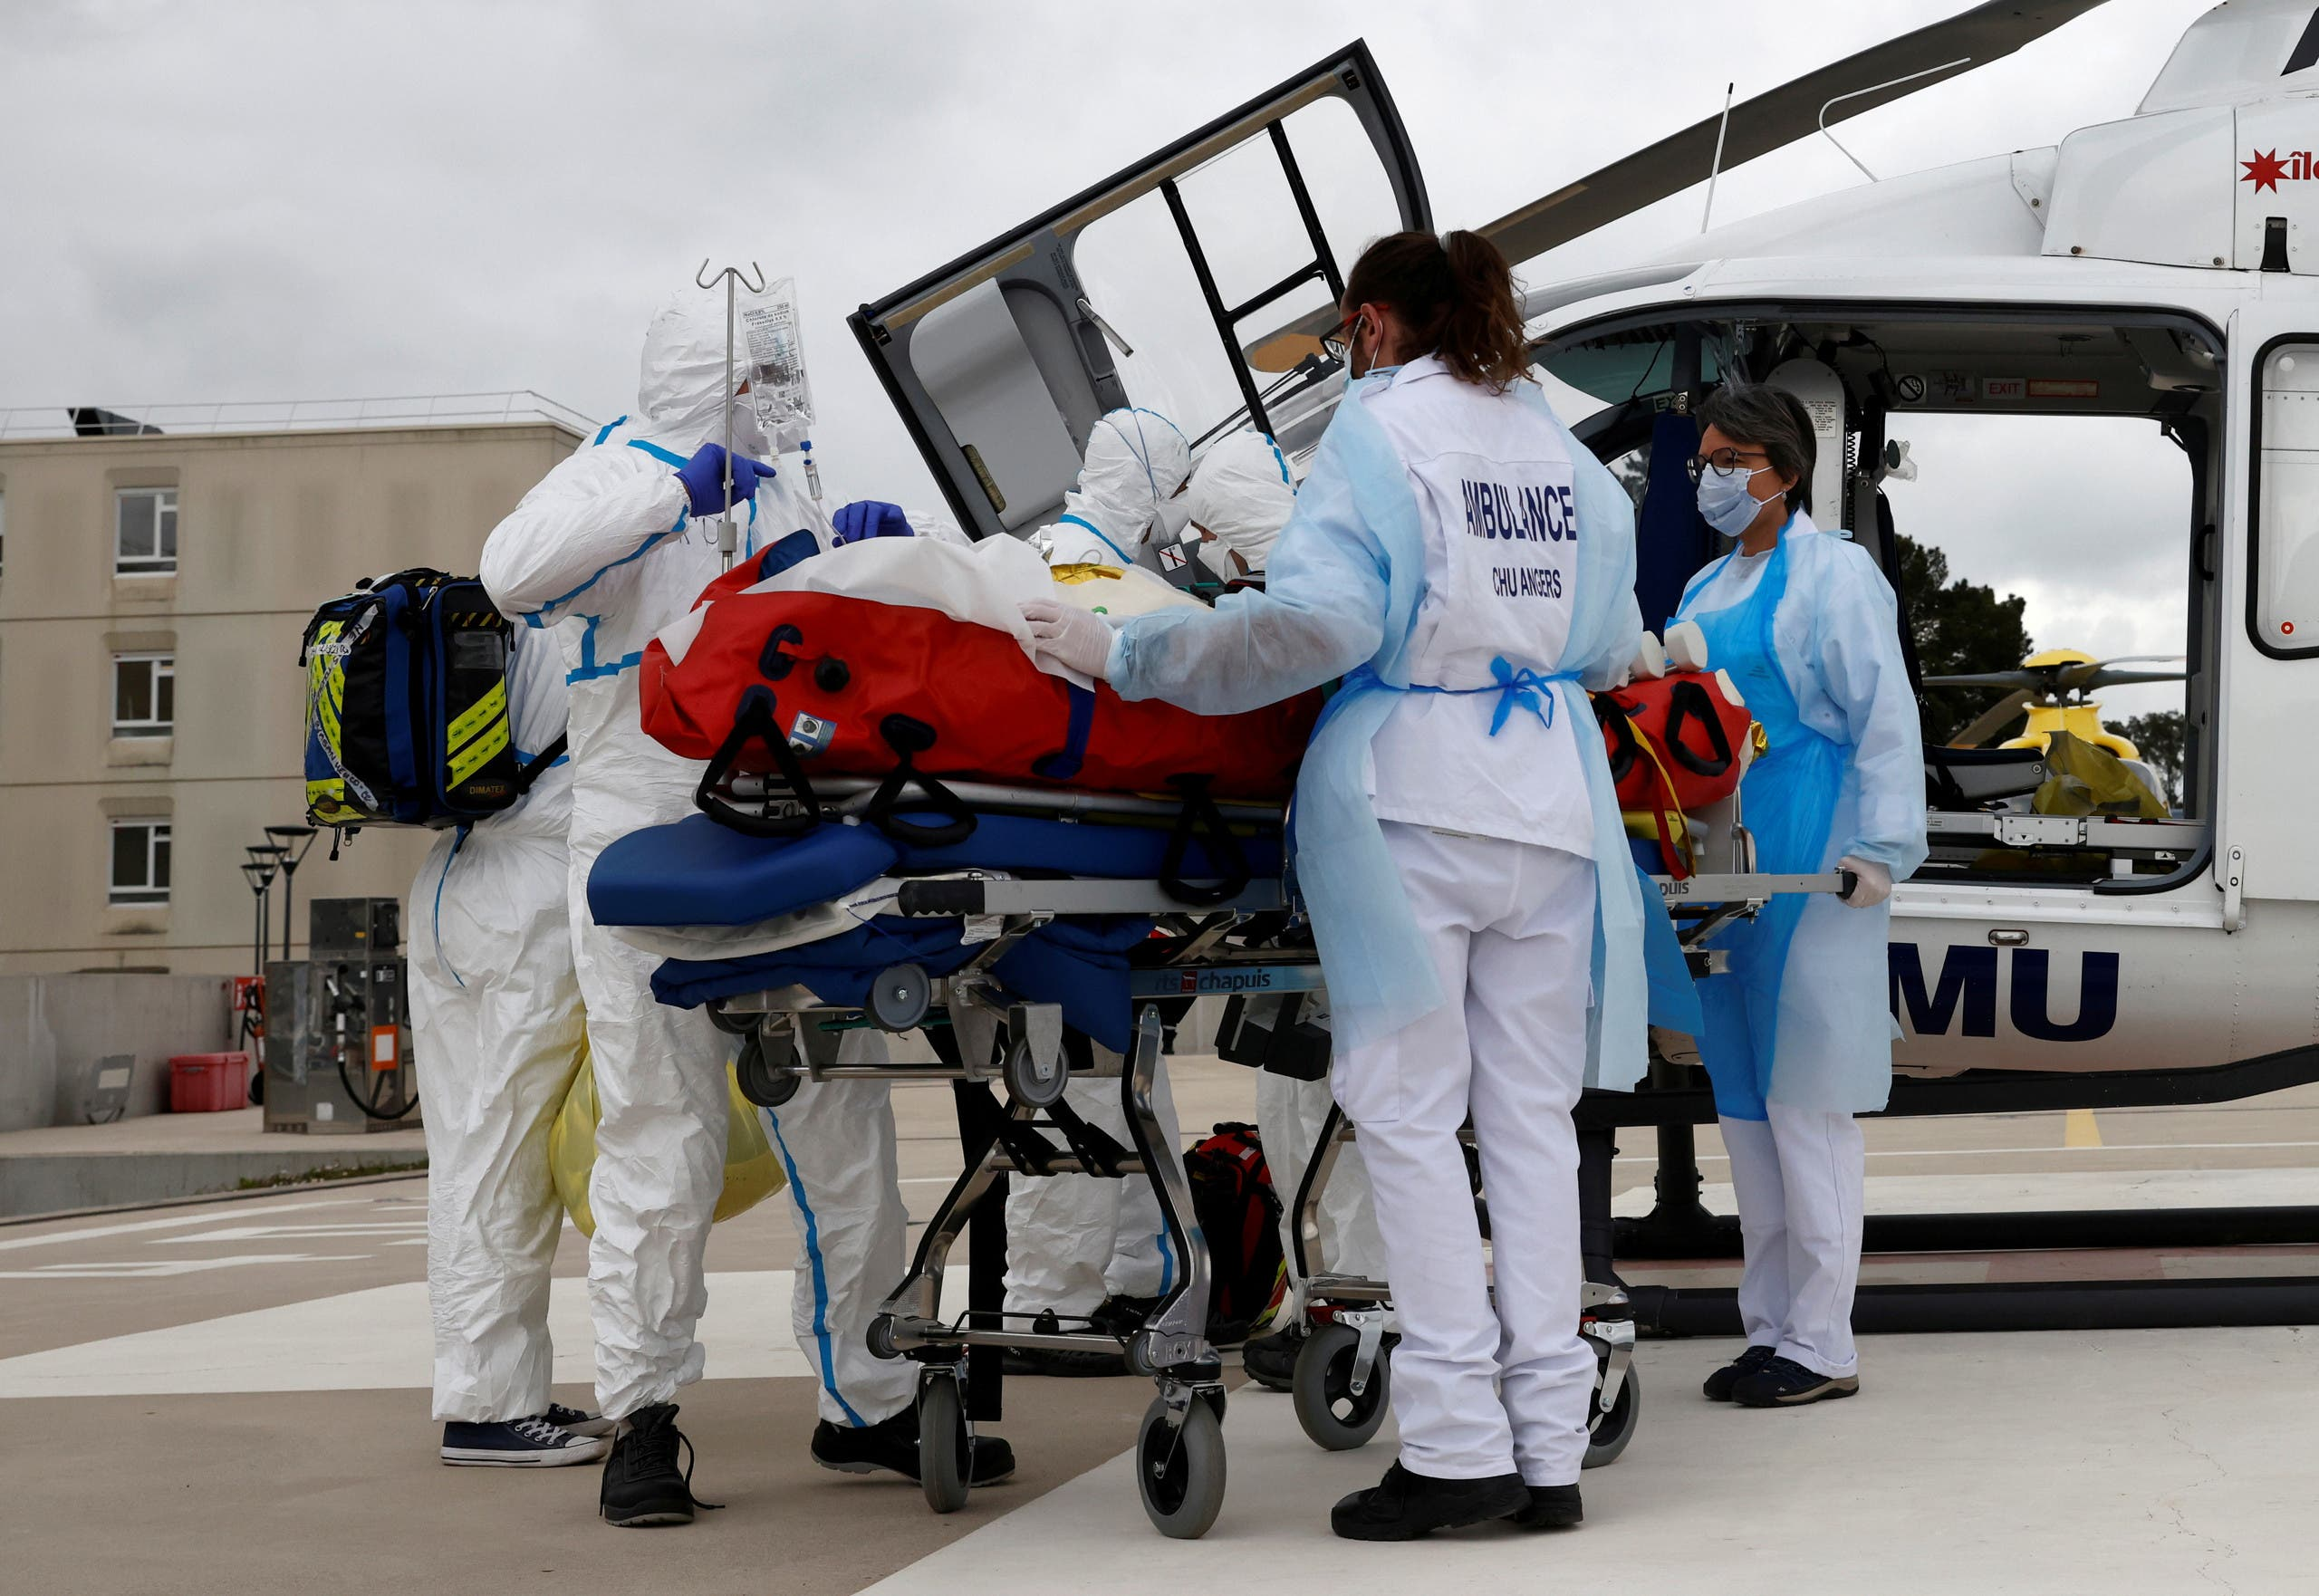 عملية نقل مريض كوفيد -19 في فرنسا - أرشيفية